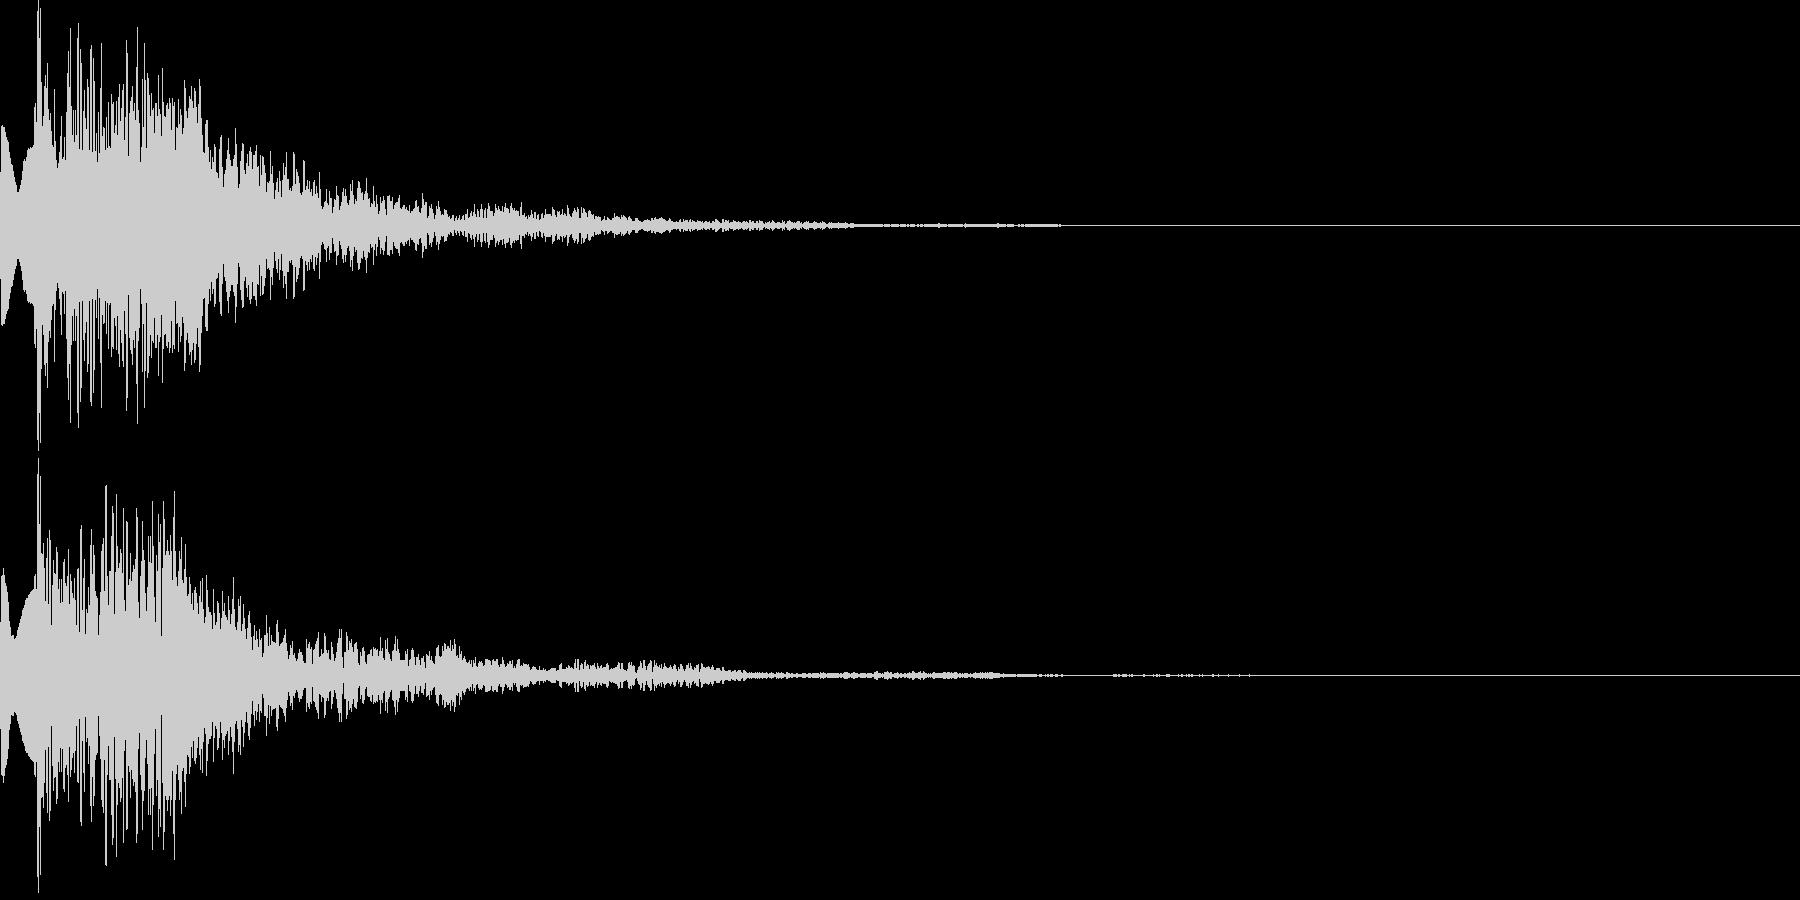 アイテム獲得音02の未再生の波形